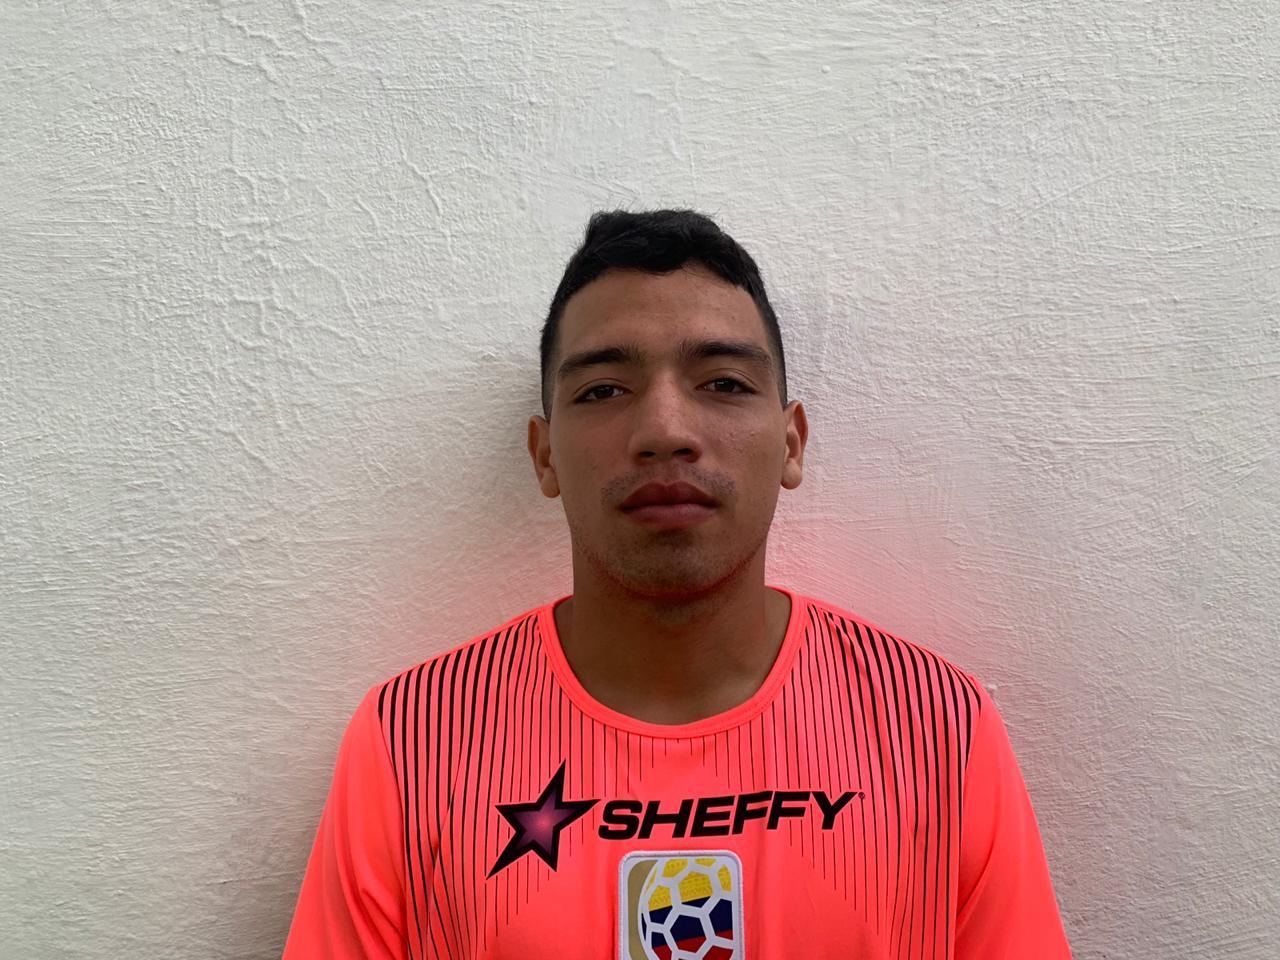 Leon Arturo Rivero Suarez